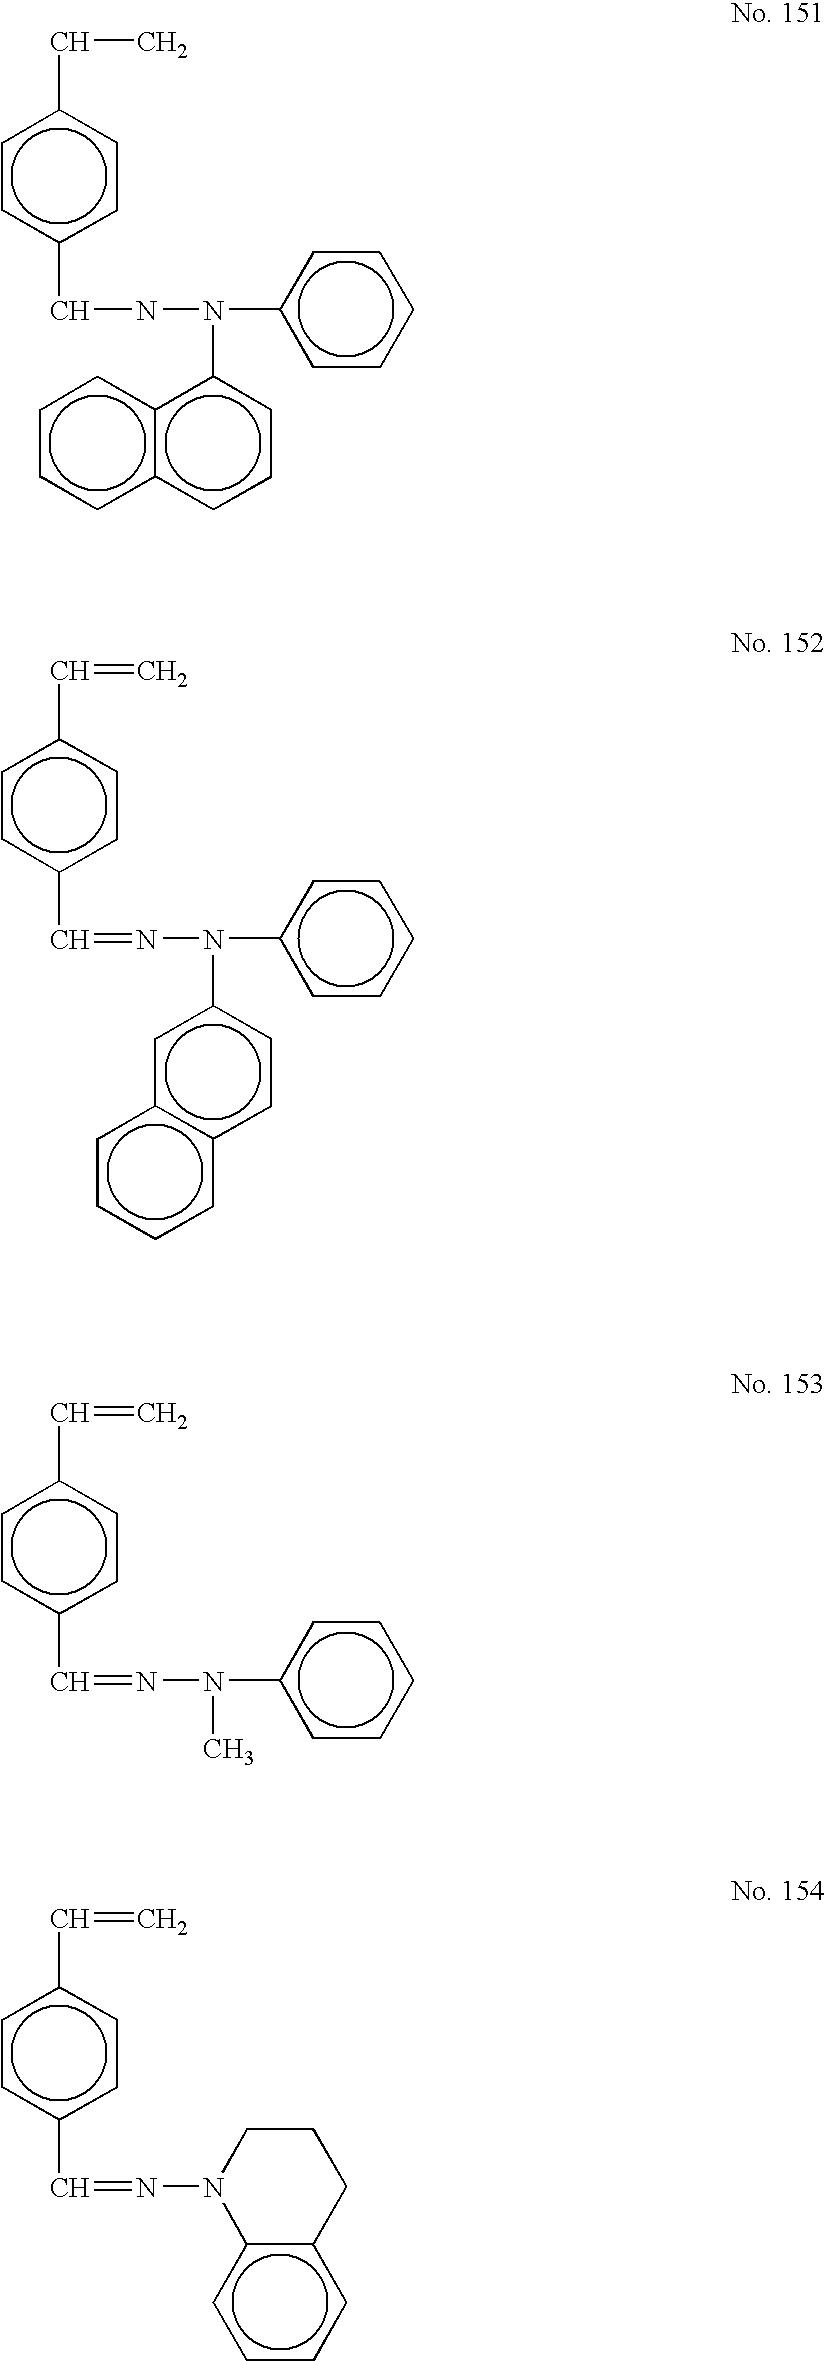 Figure US07175957-20070213-C00064